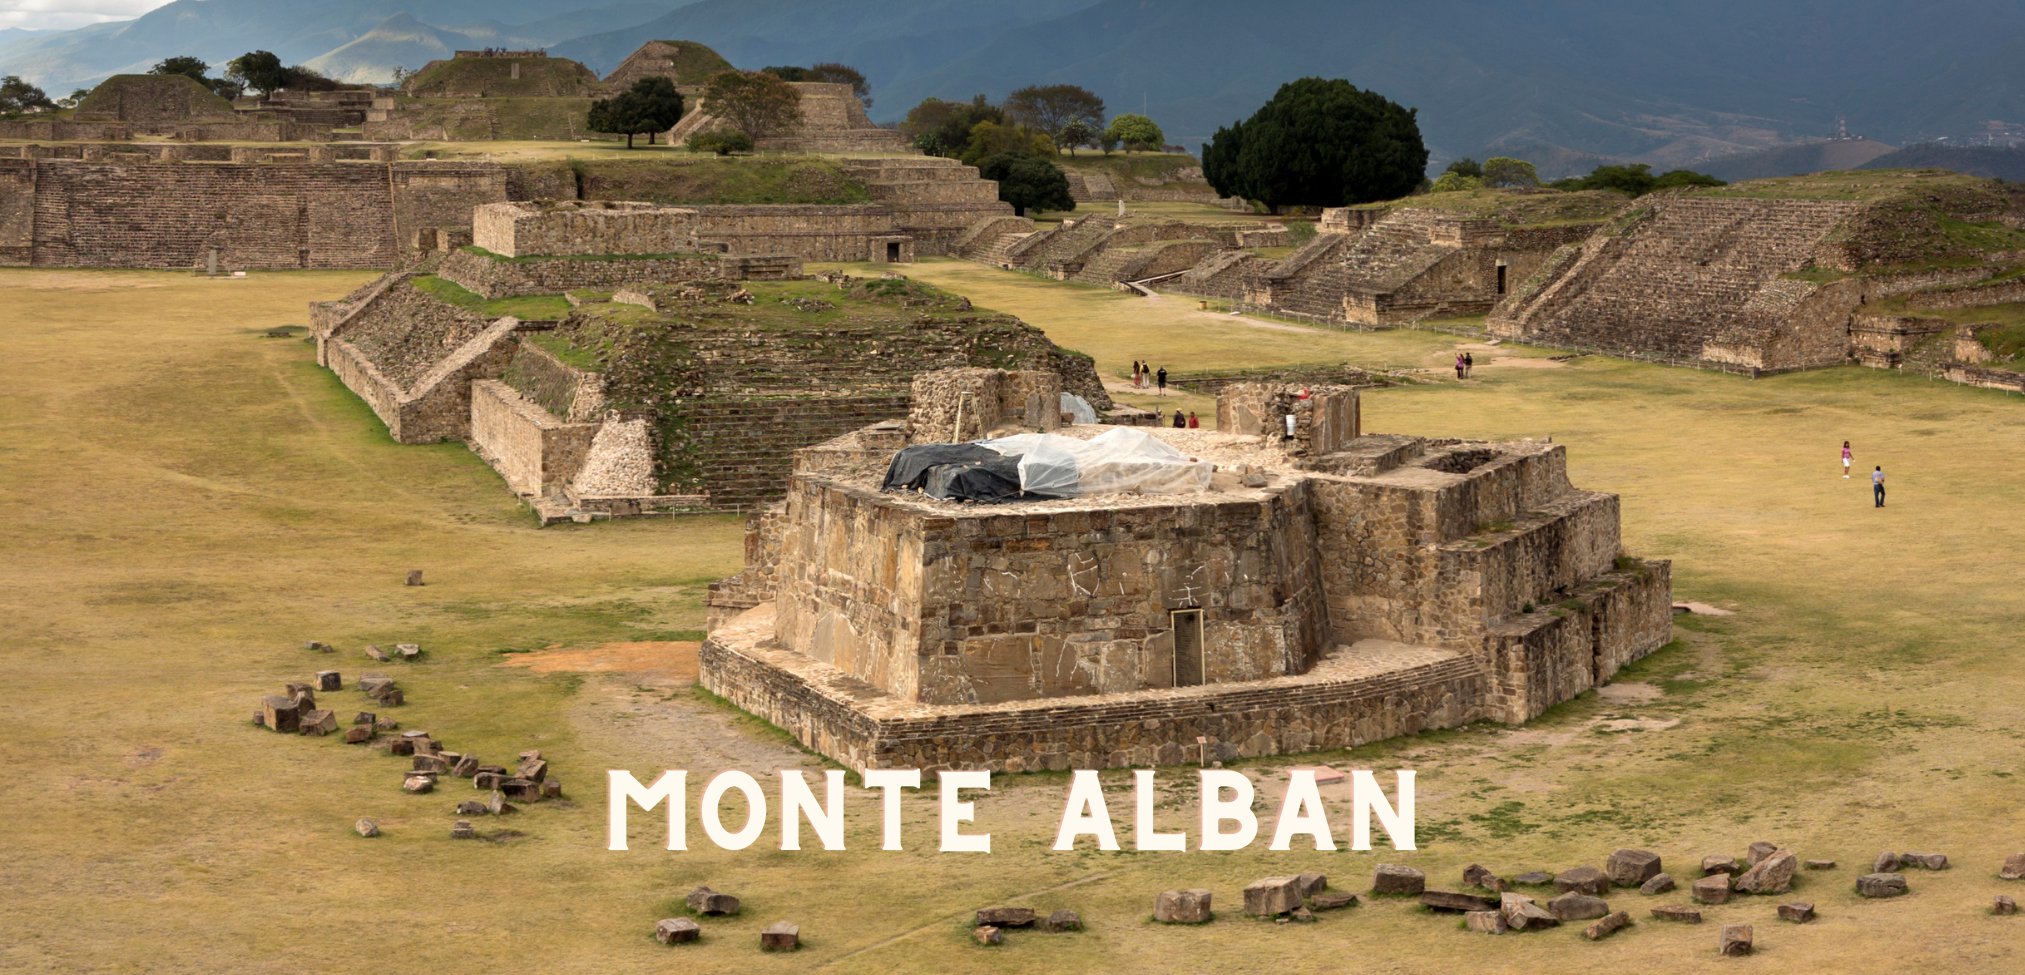 Die besten Aktivitäten in Mexiko: Monte Alban